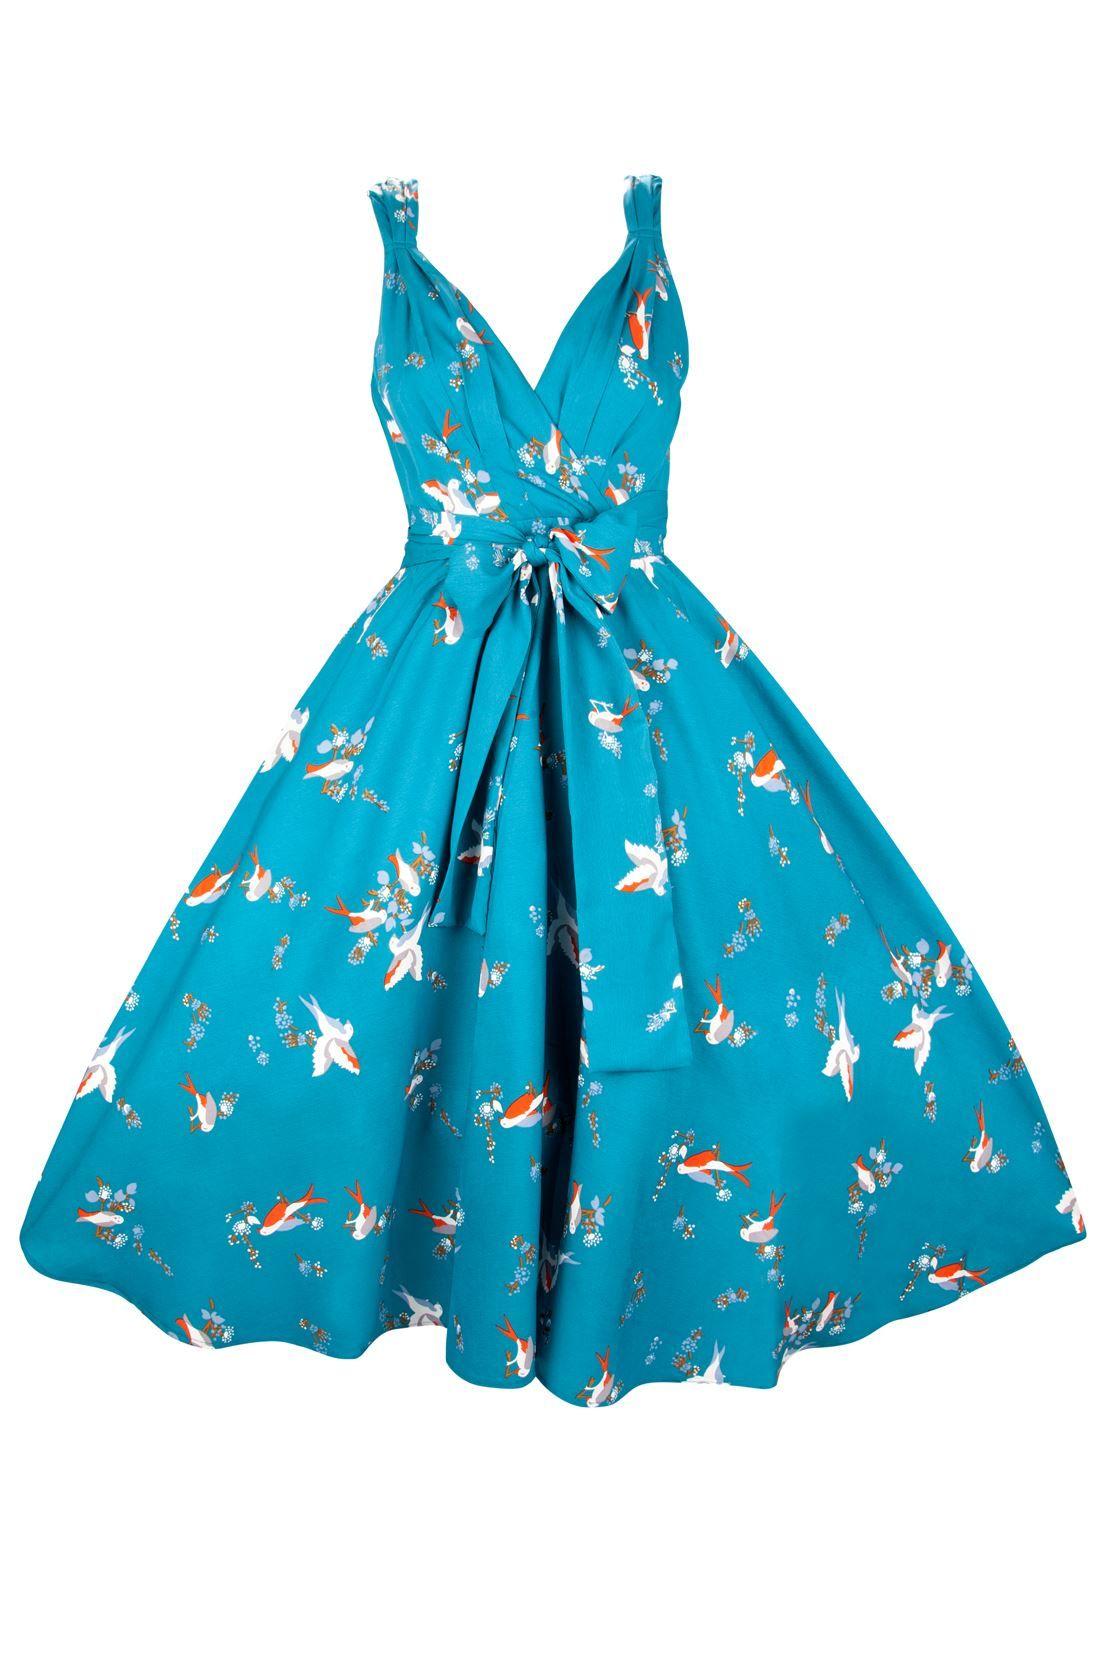 New Ladies Kushi Vintage Retro 50s Swing WW2 Rockabilly Party Dress ...